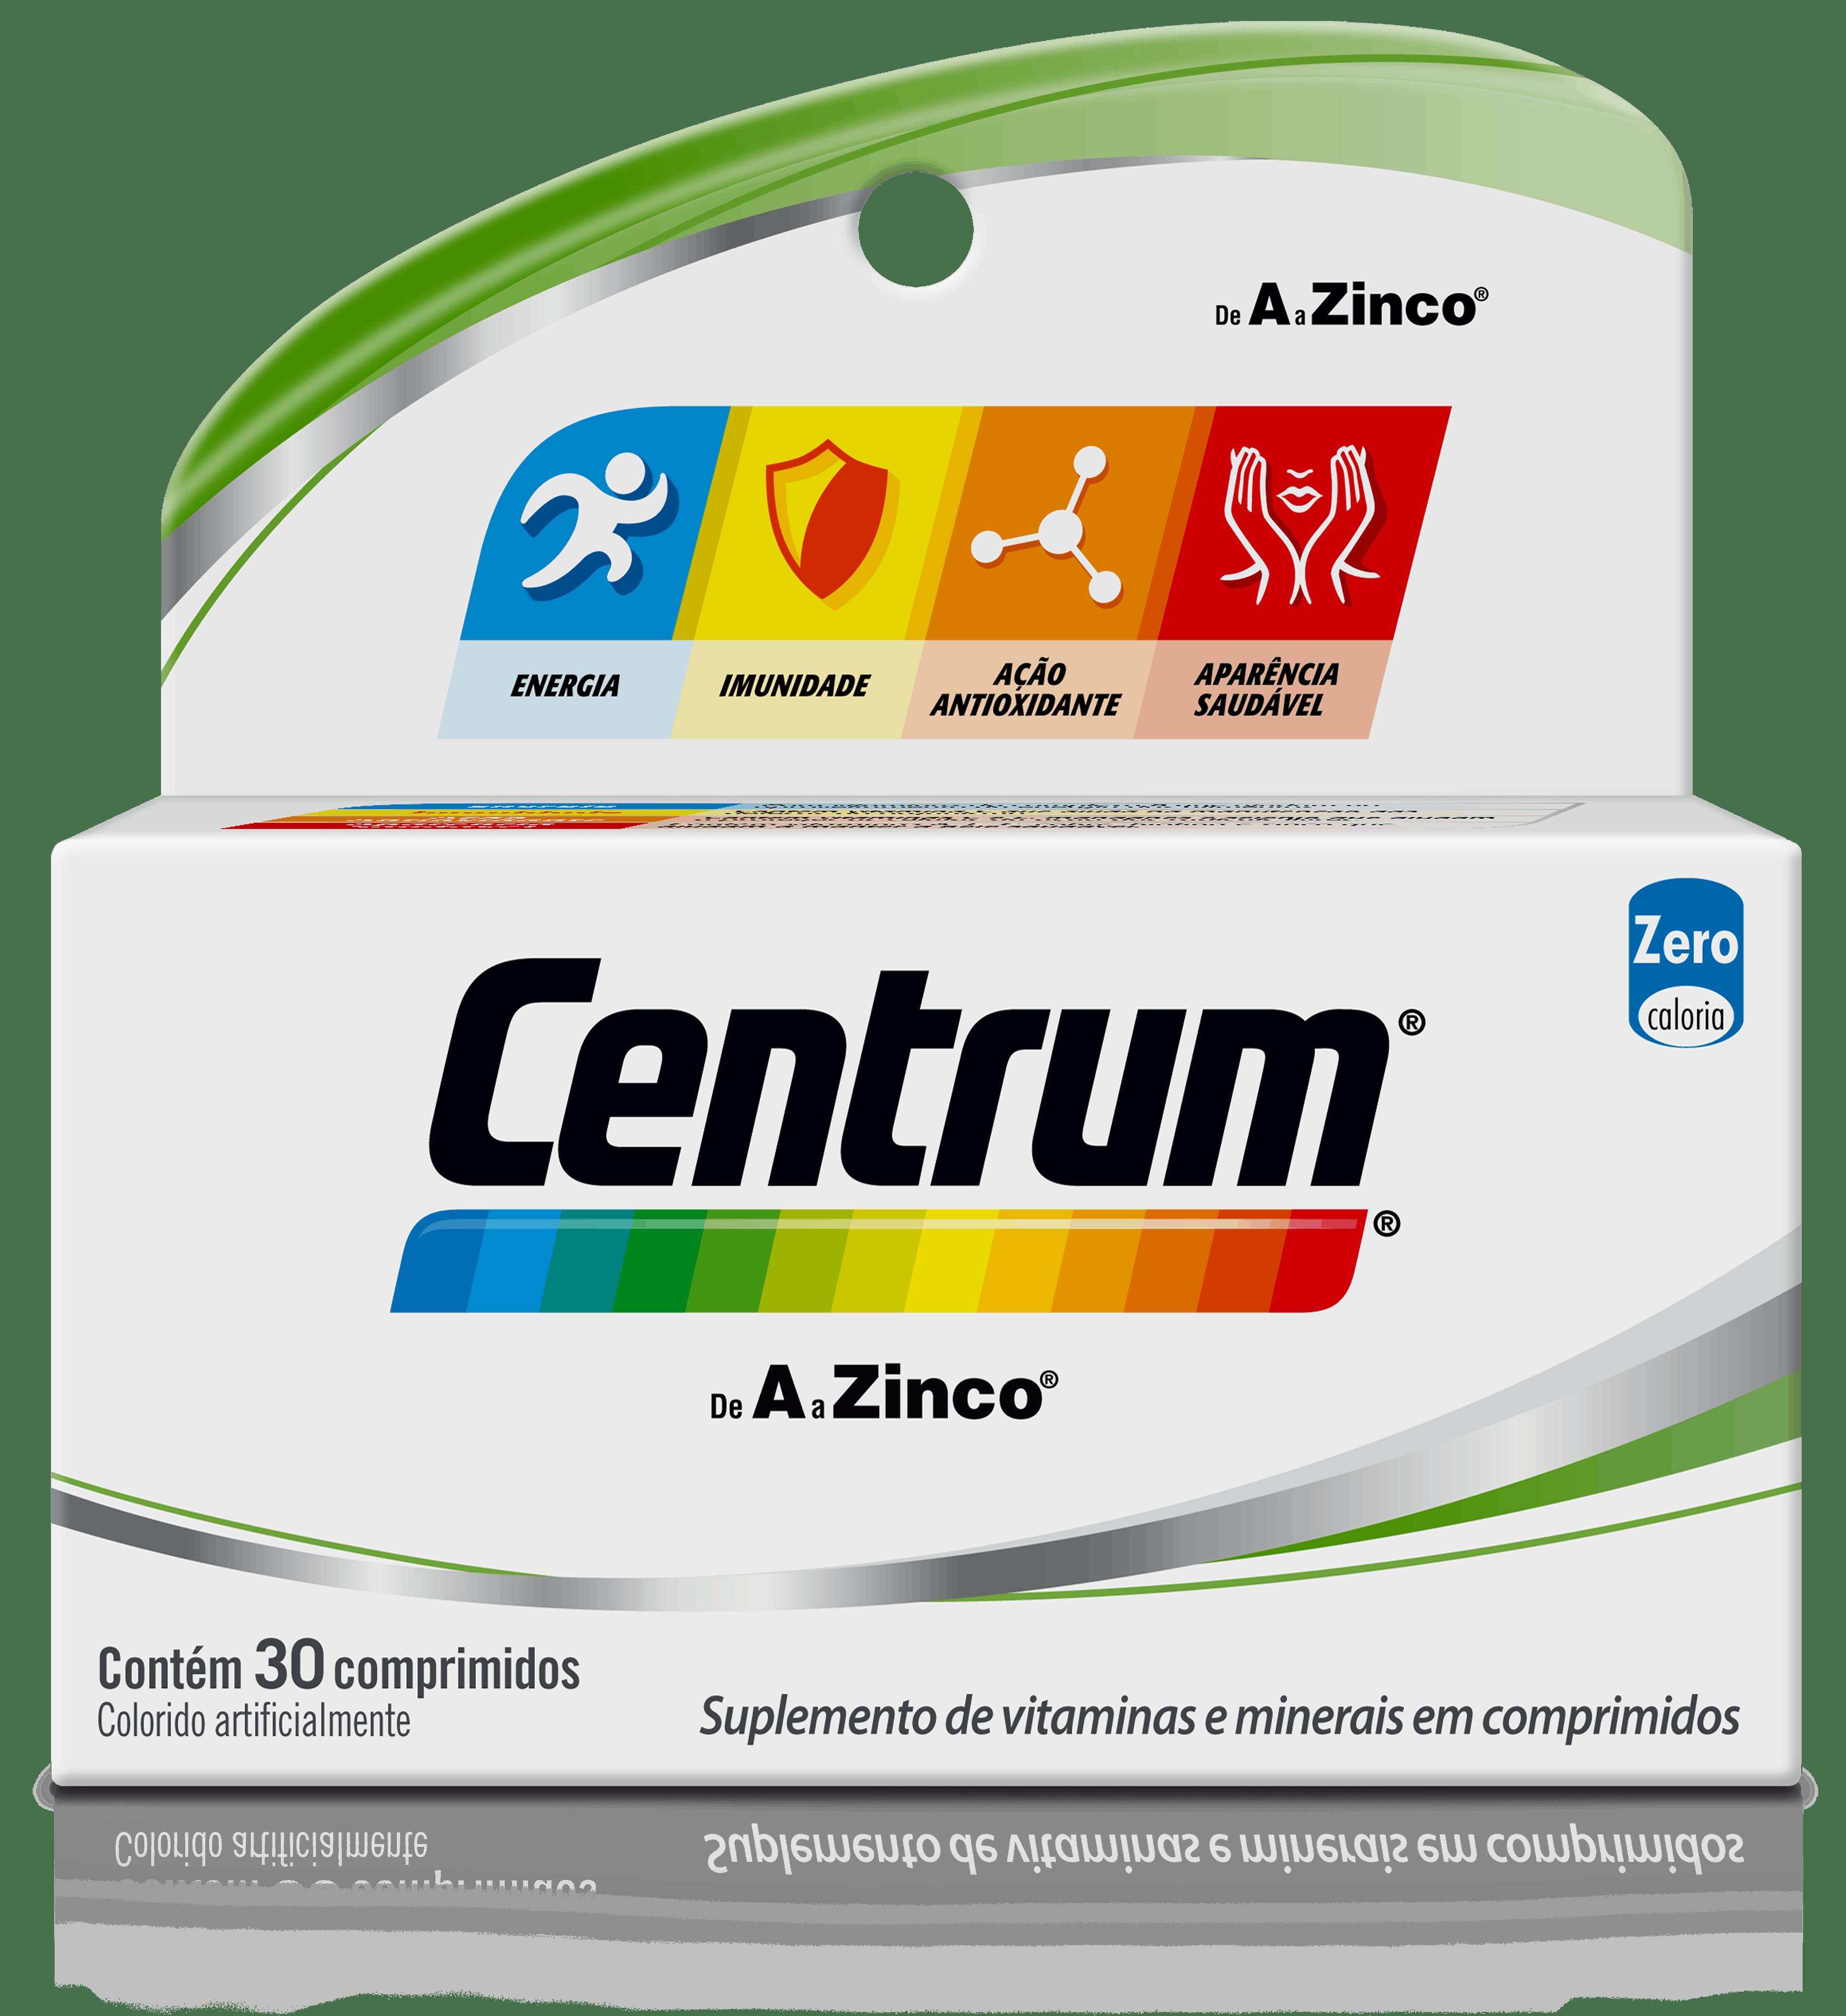 Box of Centrum de A a Zinco